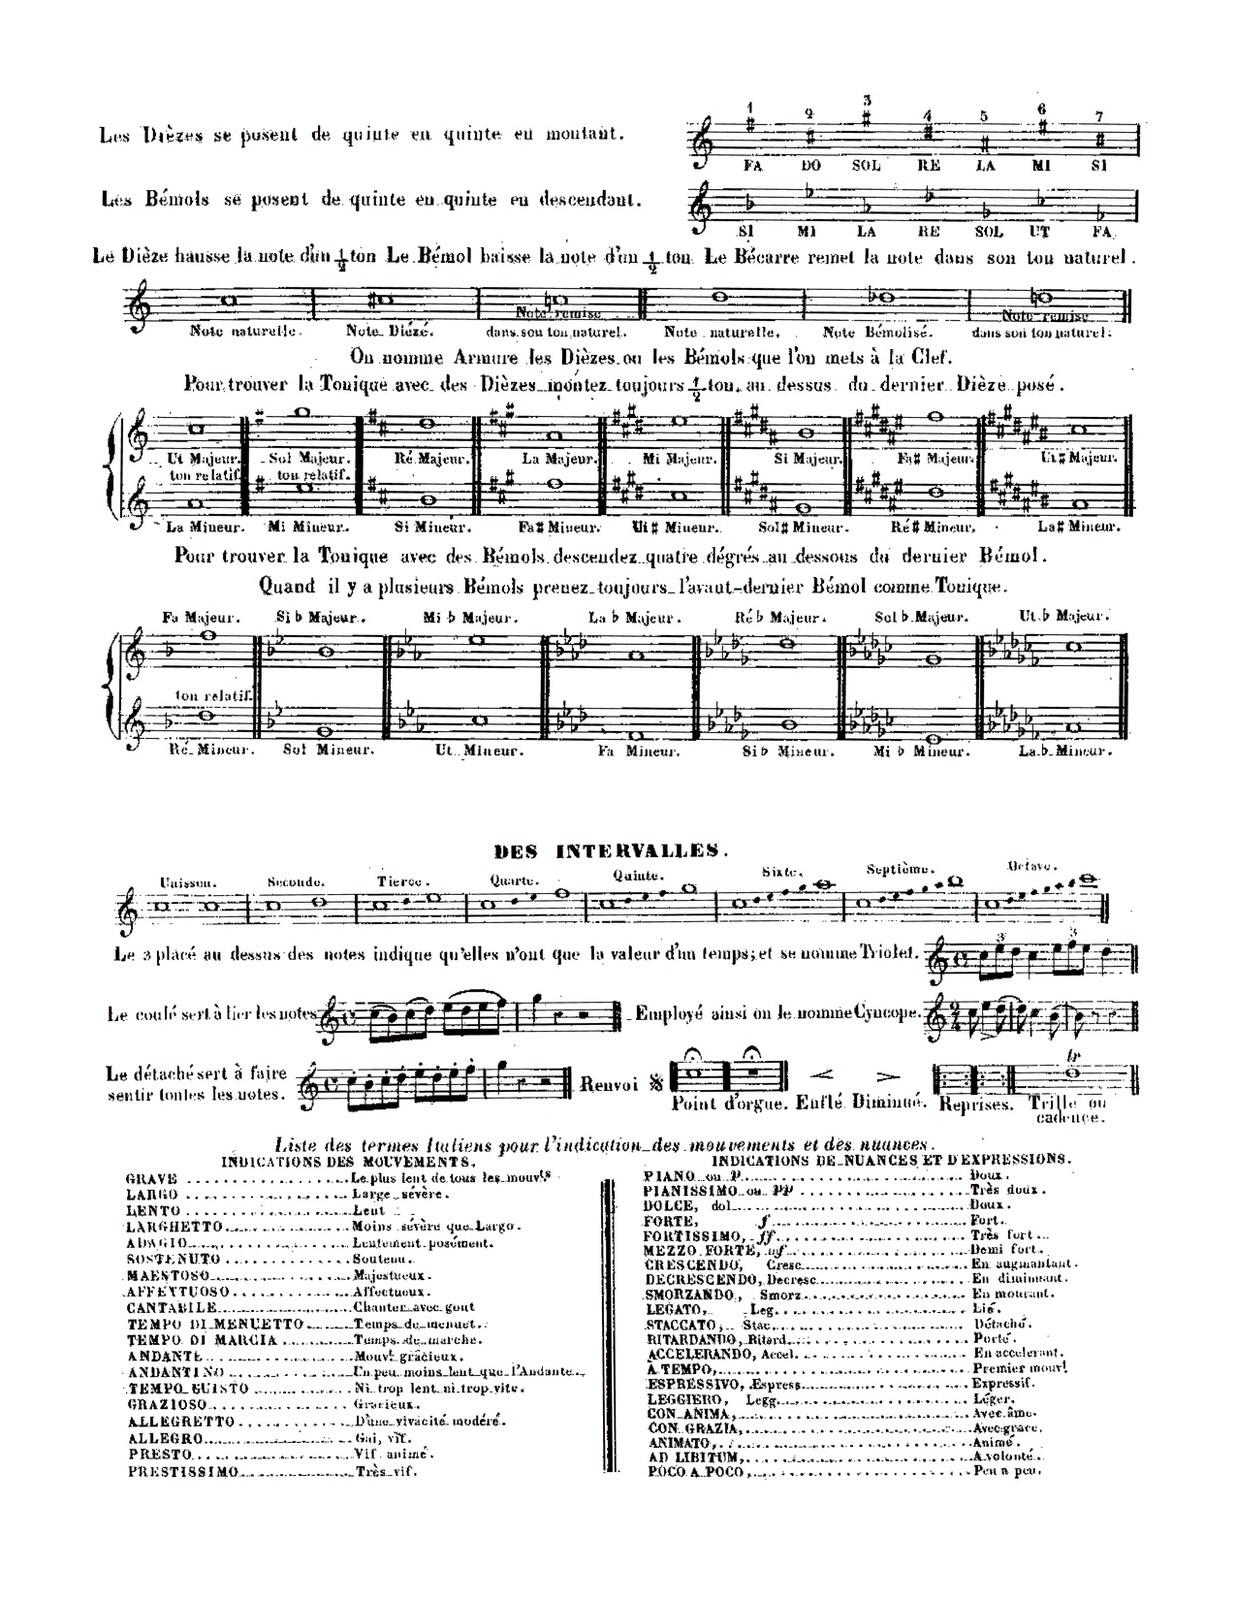 Blancheteau, Petite methode de trompette d'harmonie simple suivie de l'ordonnance de trompette de cavalerie-p04